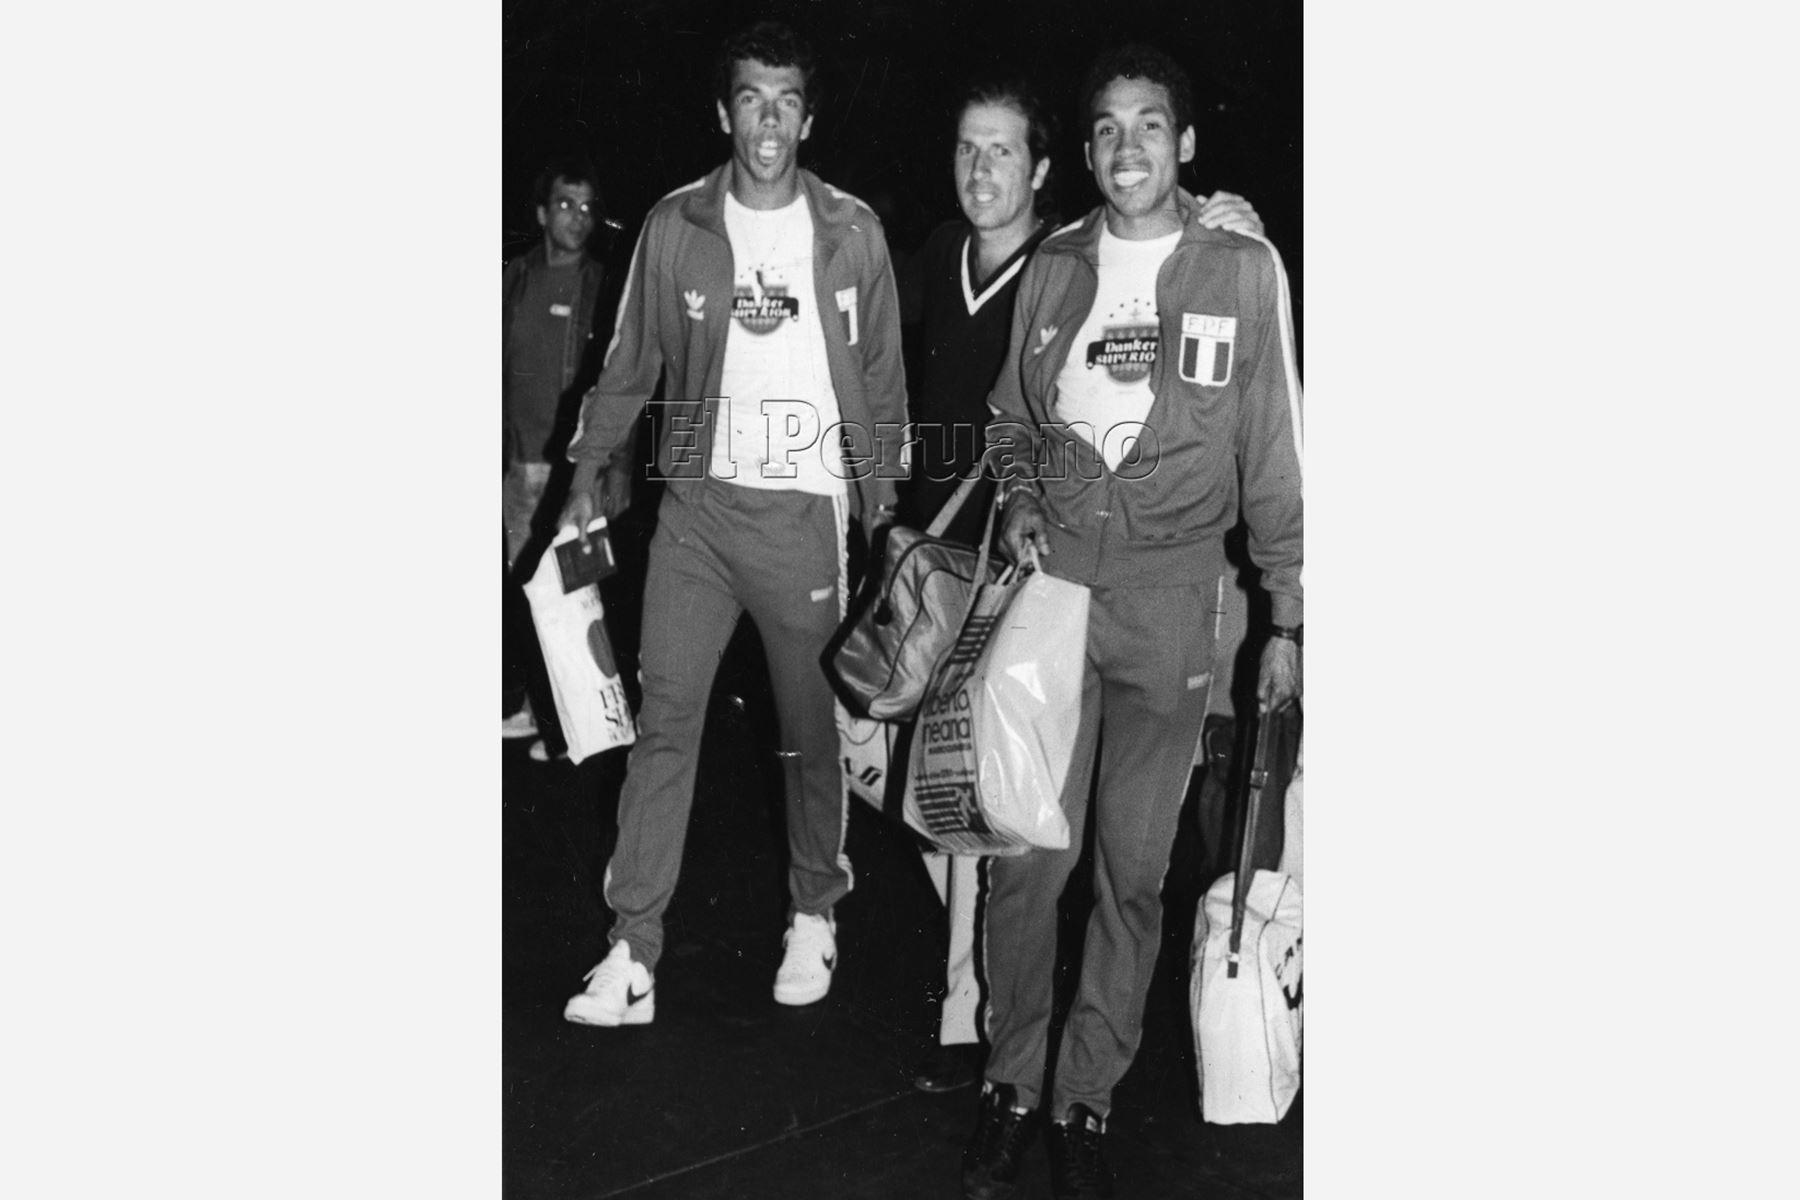 Lima - 22 setiembre 1984 / Valencia y Samuel Eugenio, debutantes en la Selección Peruana de futbol, a su llegada acompañados de Jorge Arriola de Relaciones Públicas de la Federación. Foto:Archivo diario El Peruano